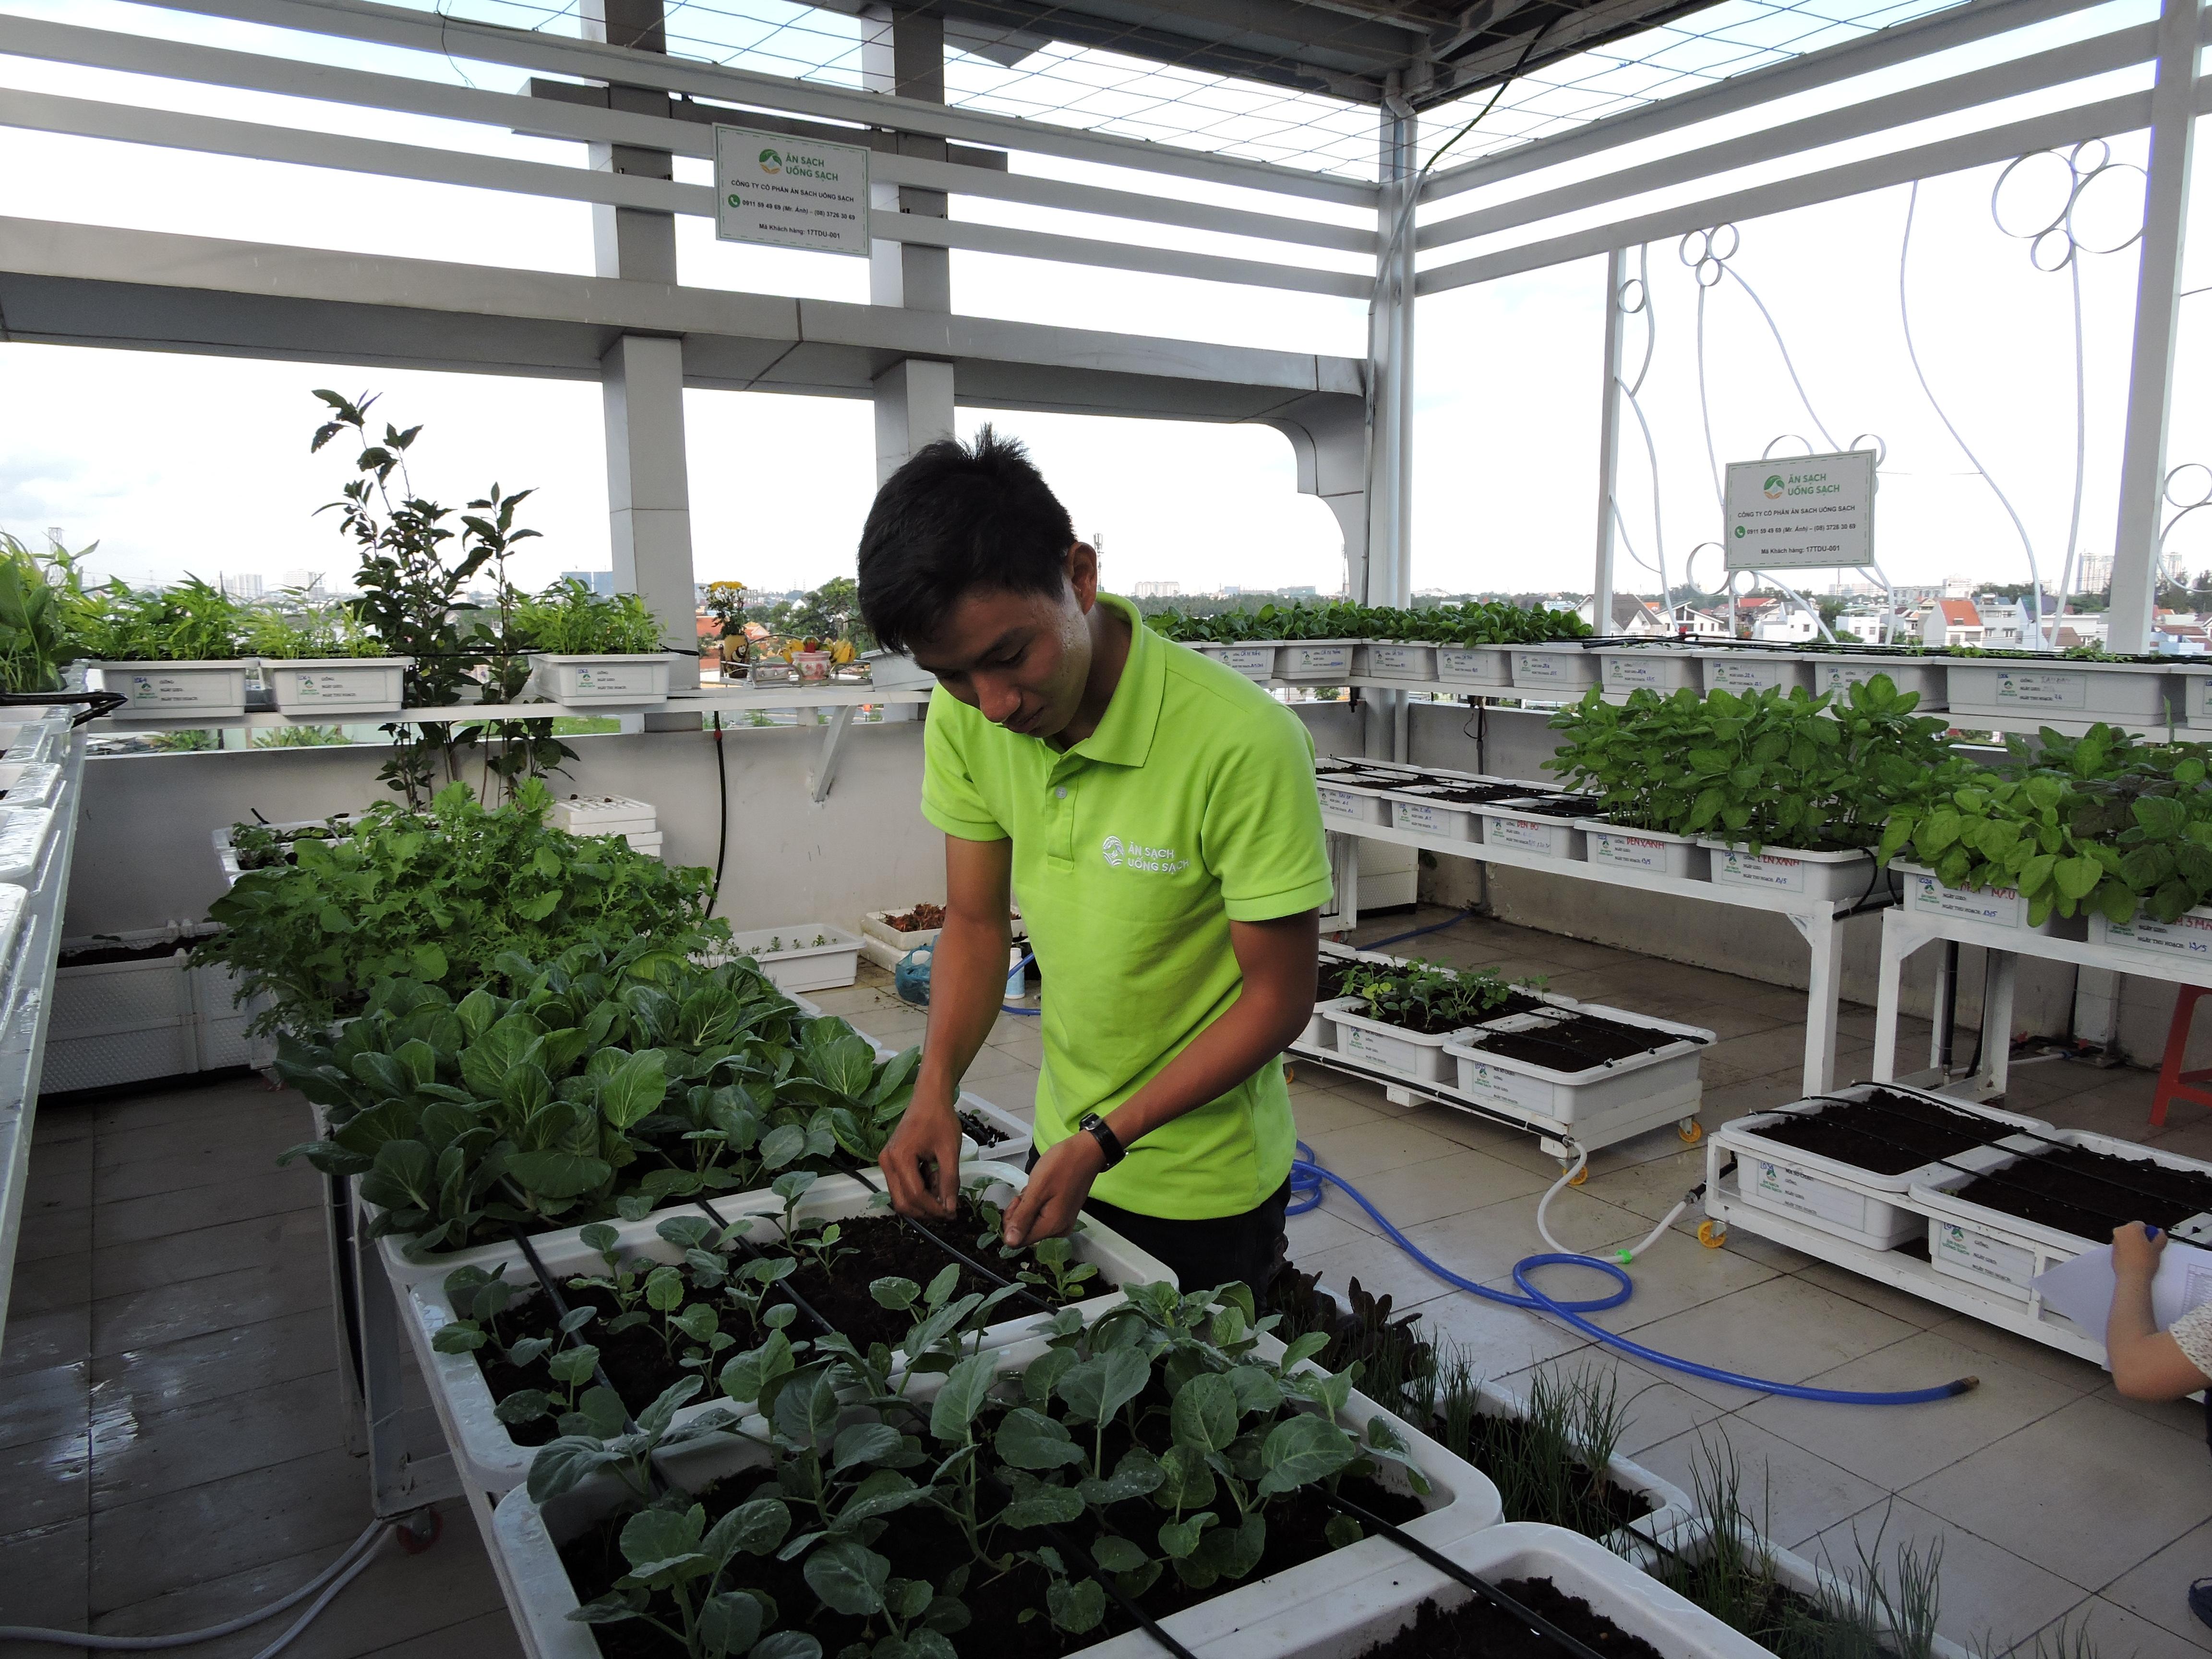 Đội ngũ kỹ sư nông nghiệp của chúng tôi sẽ đến thăm nom, chăm sóc tận tình vườn rau của Quý khách